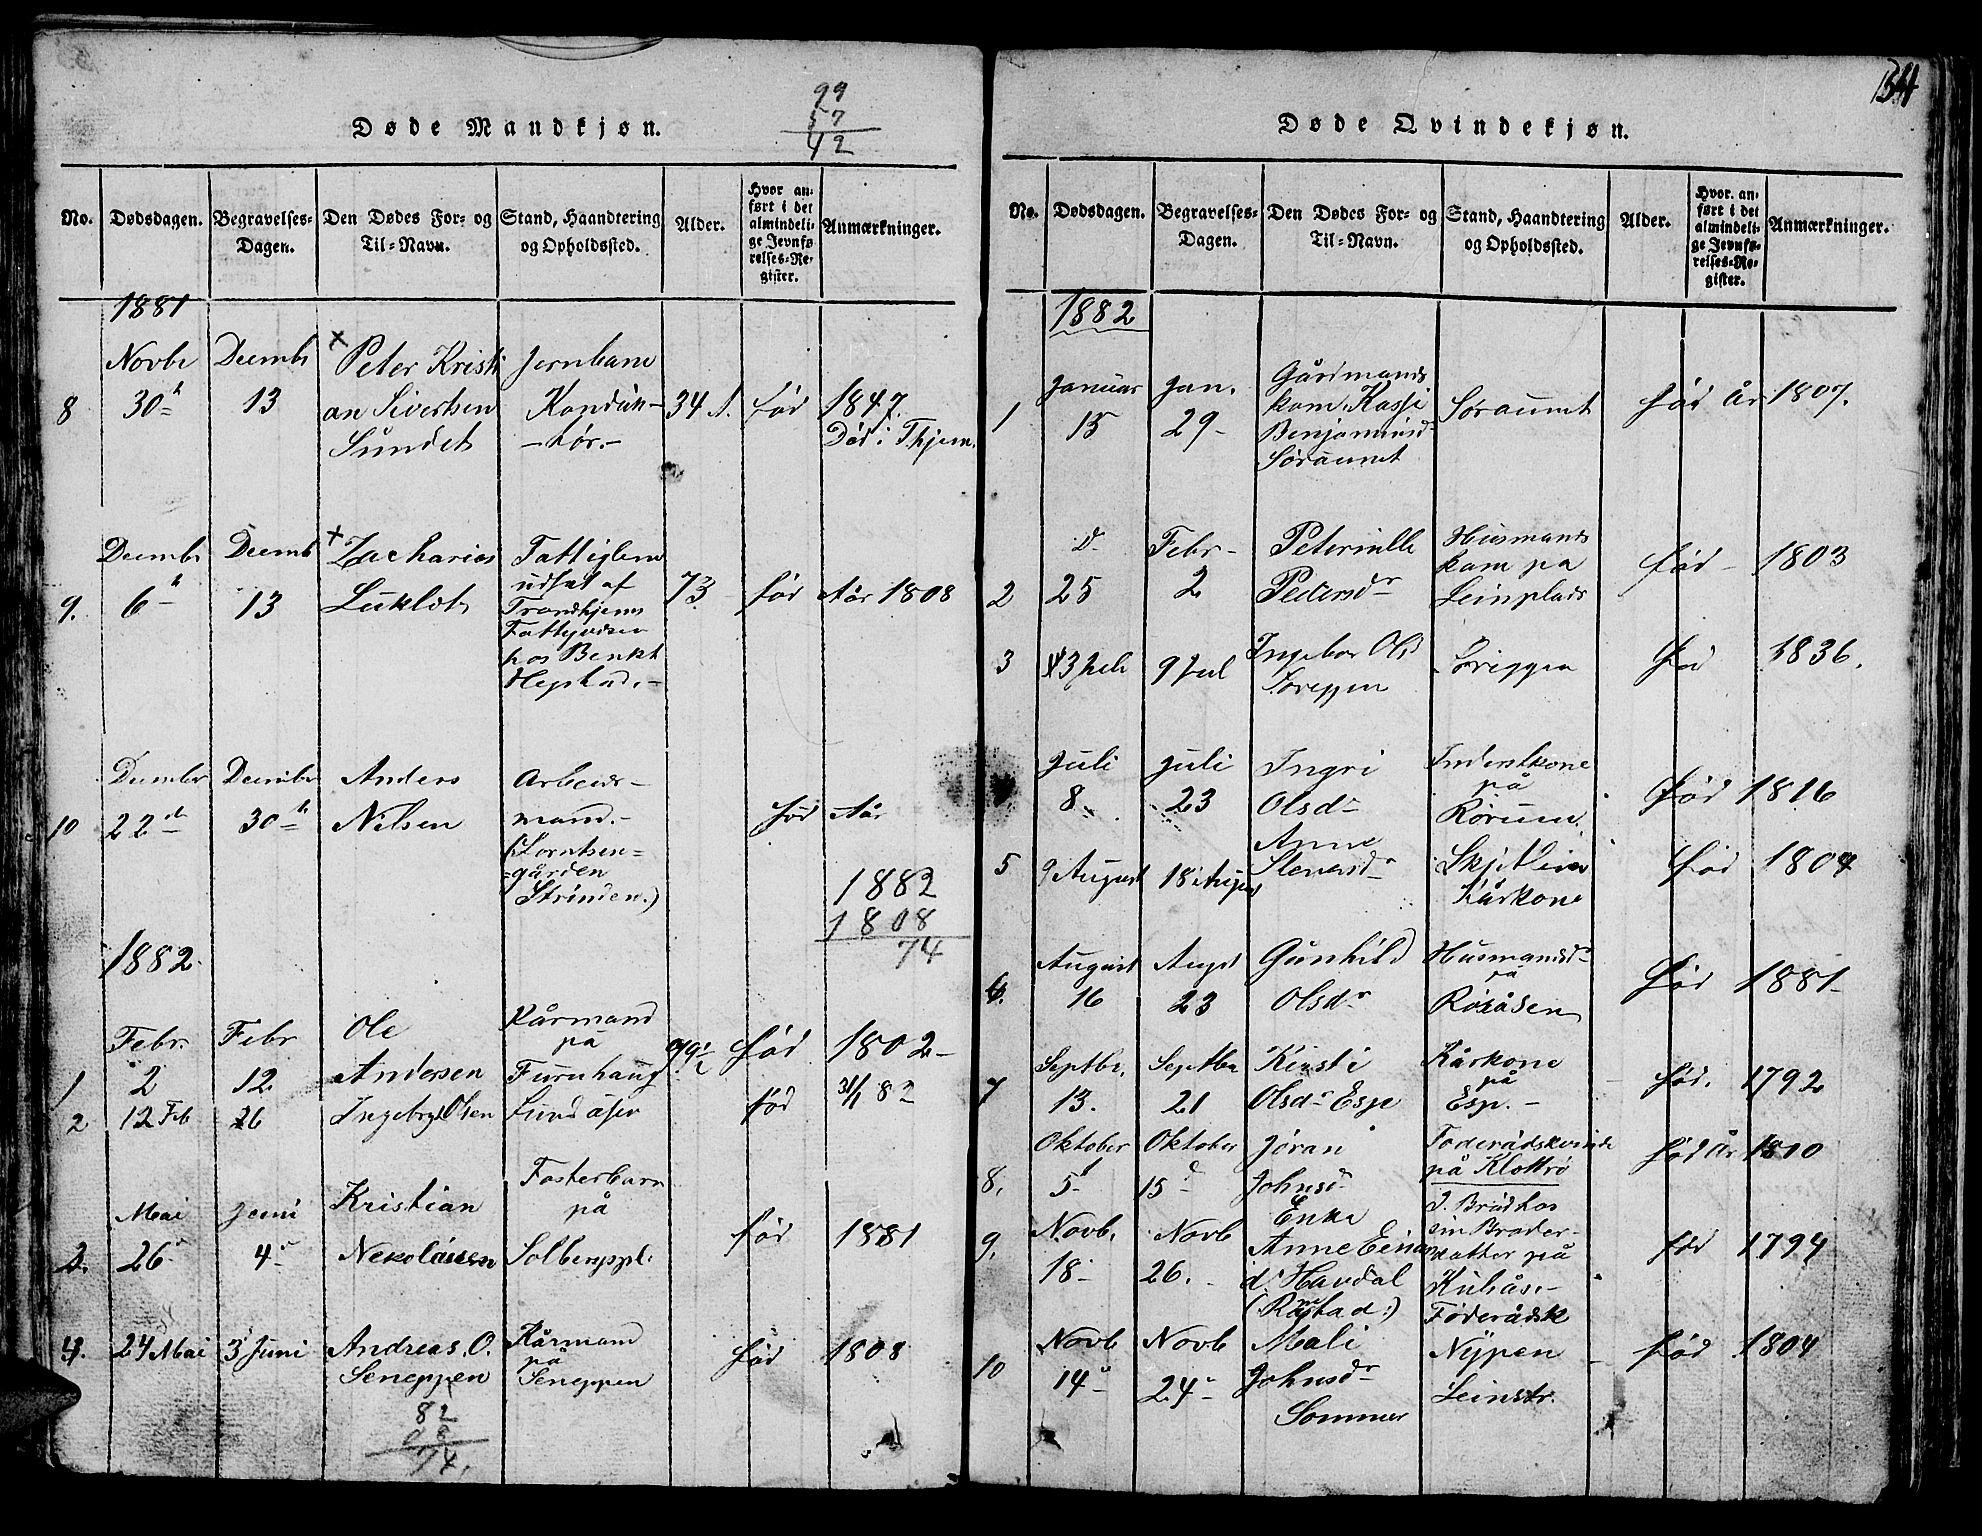 SAT, Ministerialprotokoller, klokkerbøker og fødselsregistre - Sør-Trøndelag, 613/L0393: Klokkerbok nr. 613C01, 1816-1886, s. 154